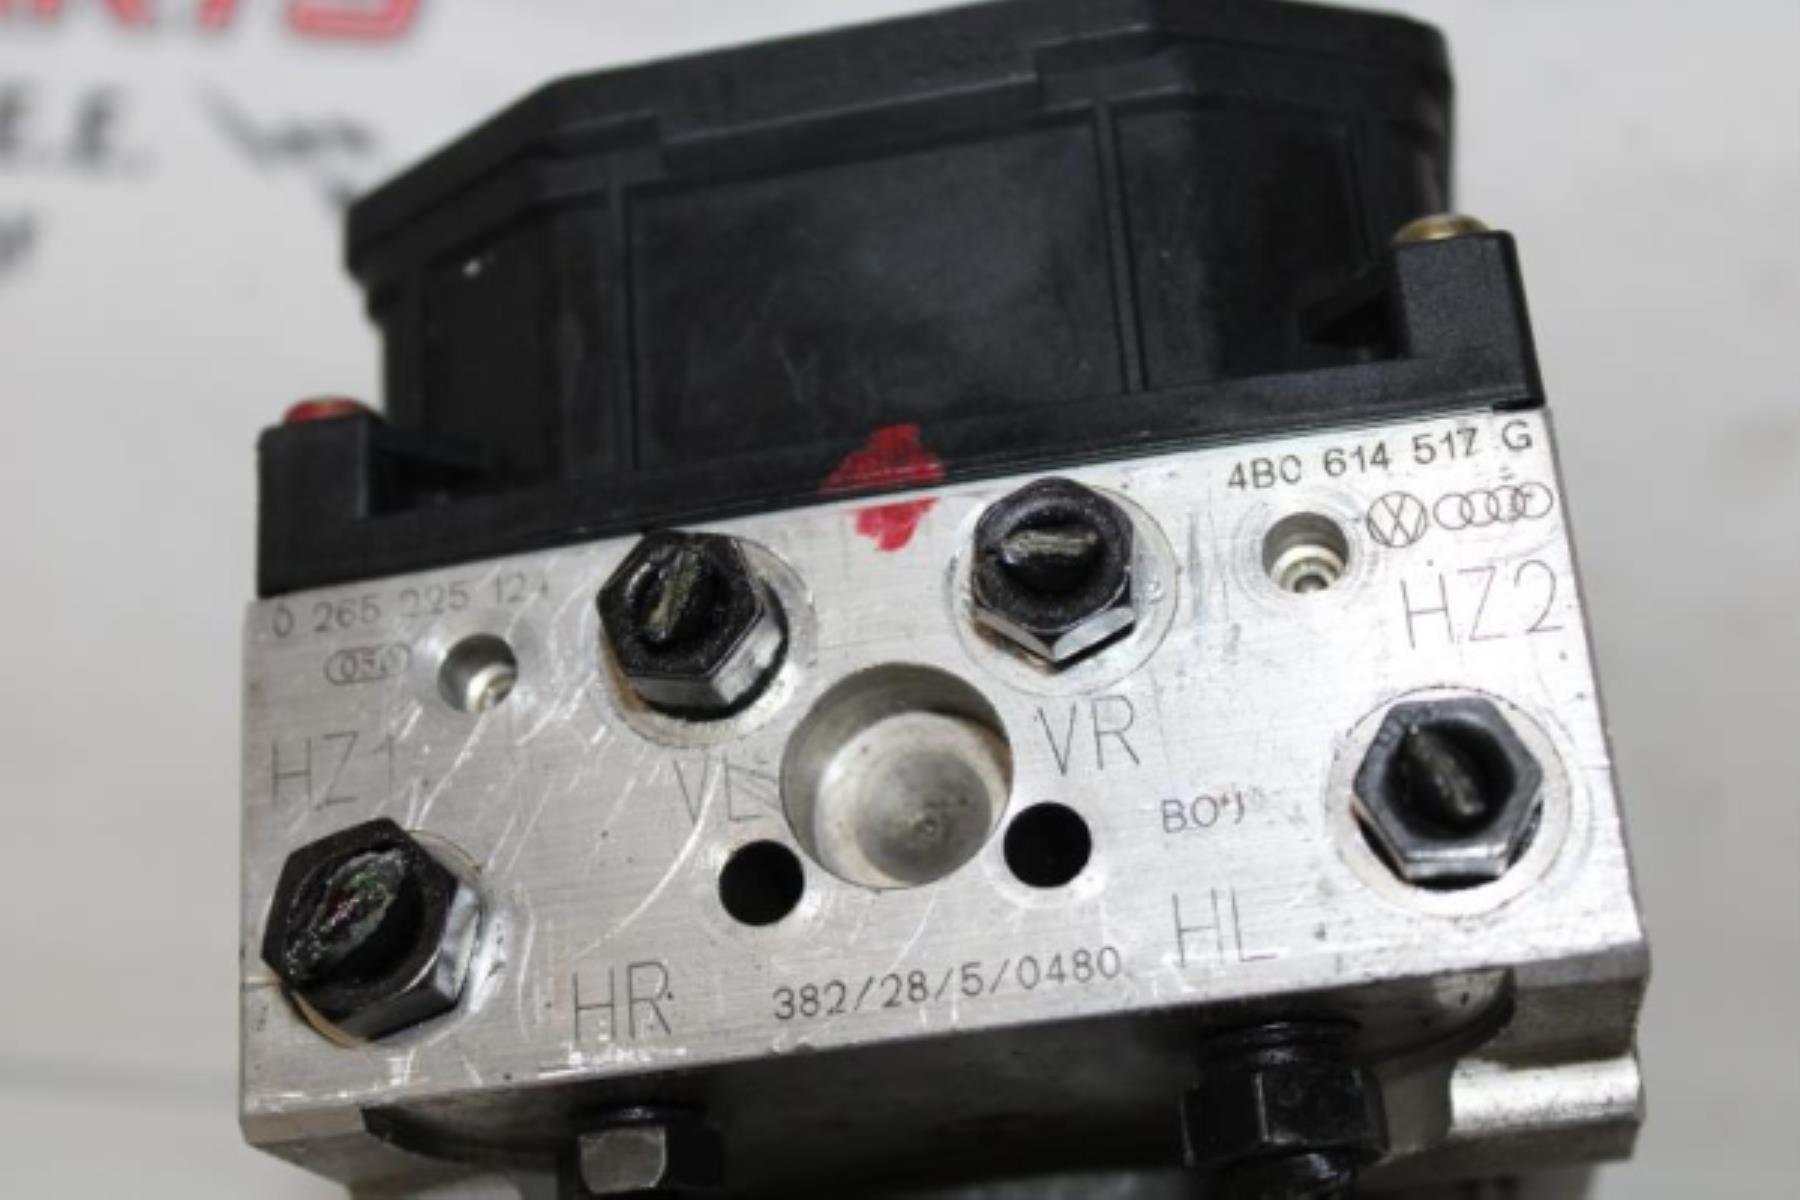 Εικόνα από ABS  VW PASSAT (2000-2005)  0265225124 4B0614517G